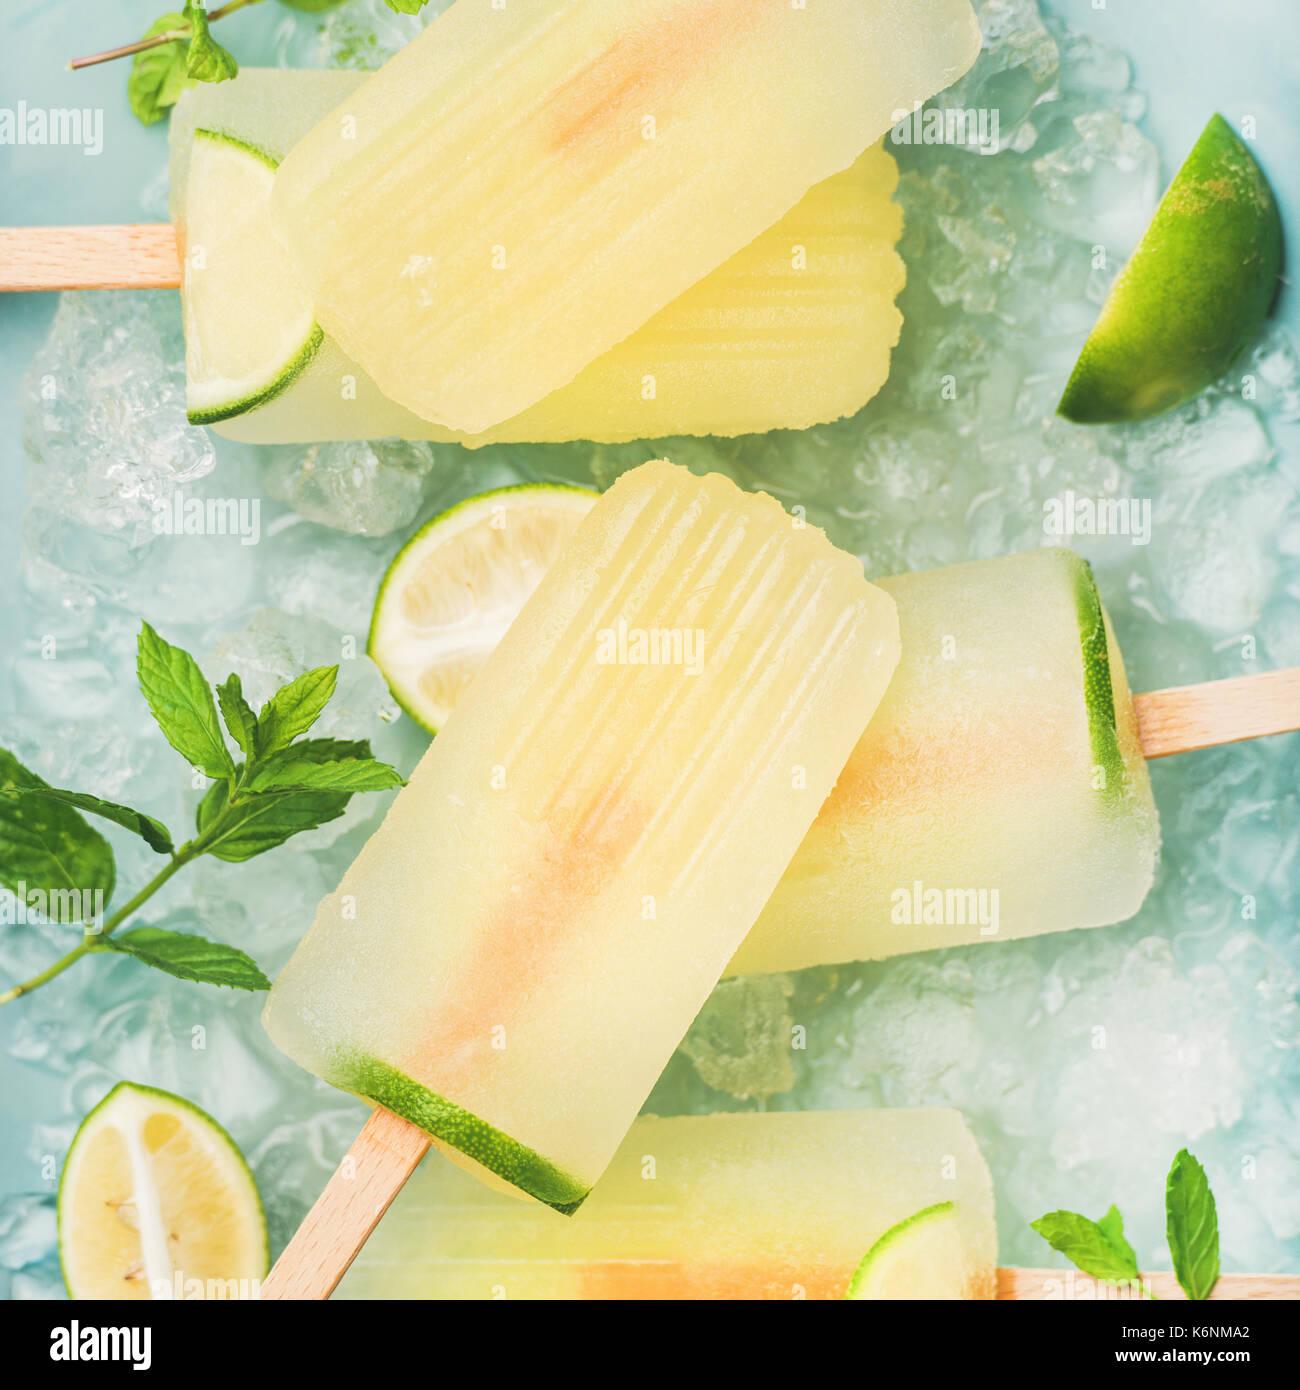 Estate rinfrescante limonata popsicles con lime e menta con scaglie di ghiaccio su sfondo blu, vista dall'alto, quadrato ritaglia Immagini Stock